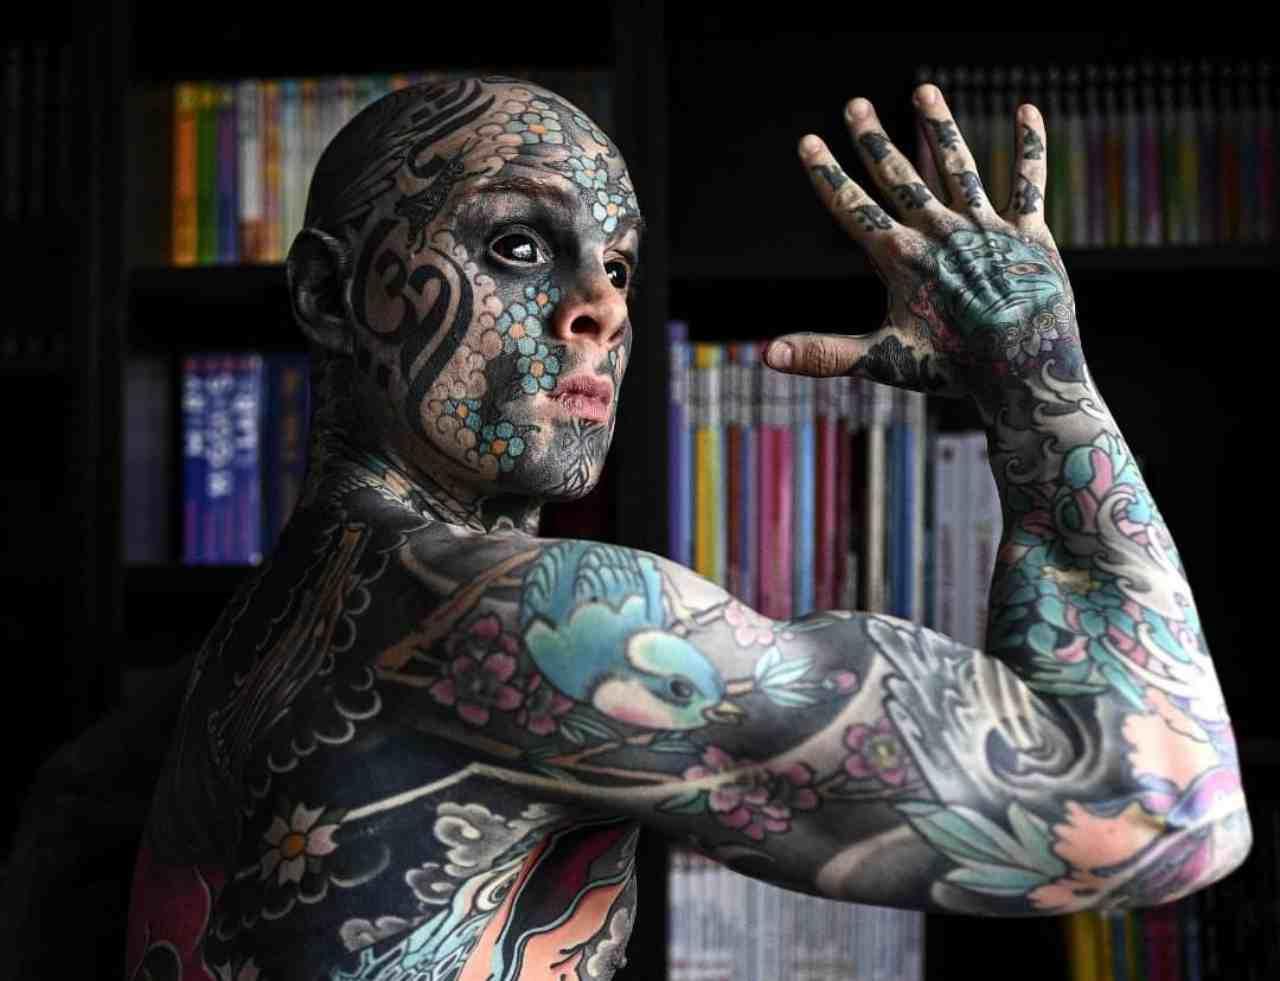 """Francia, maestro allontanato dall'asilo: """"I suoi tatuaggi spaventano"""" (Foto Facebook)"""